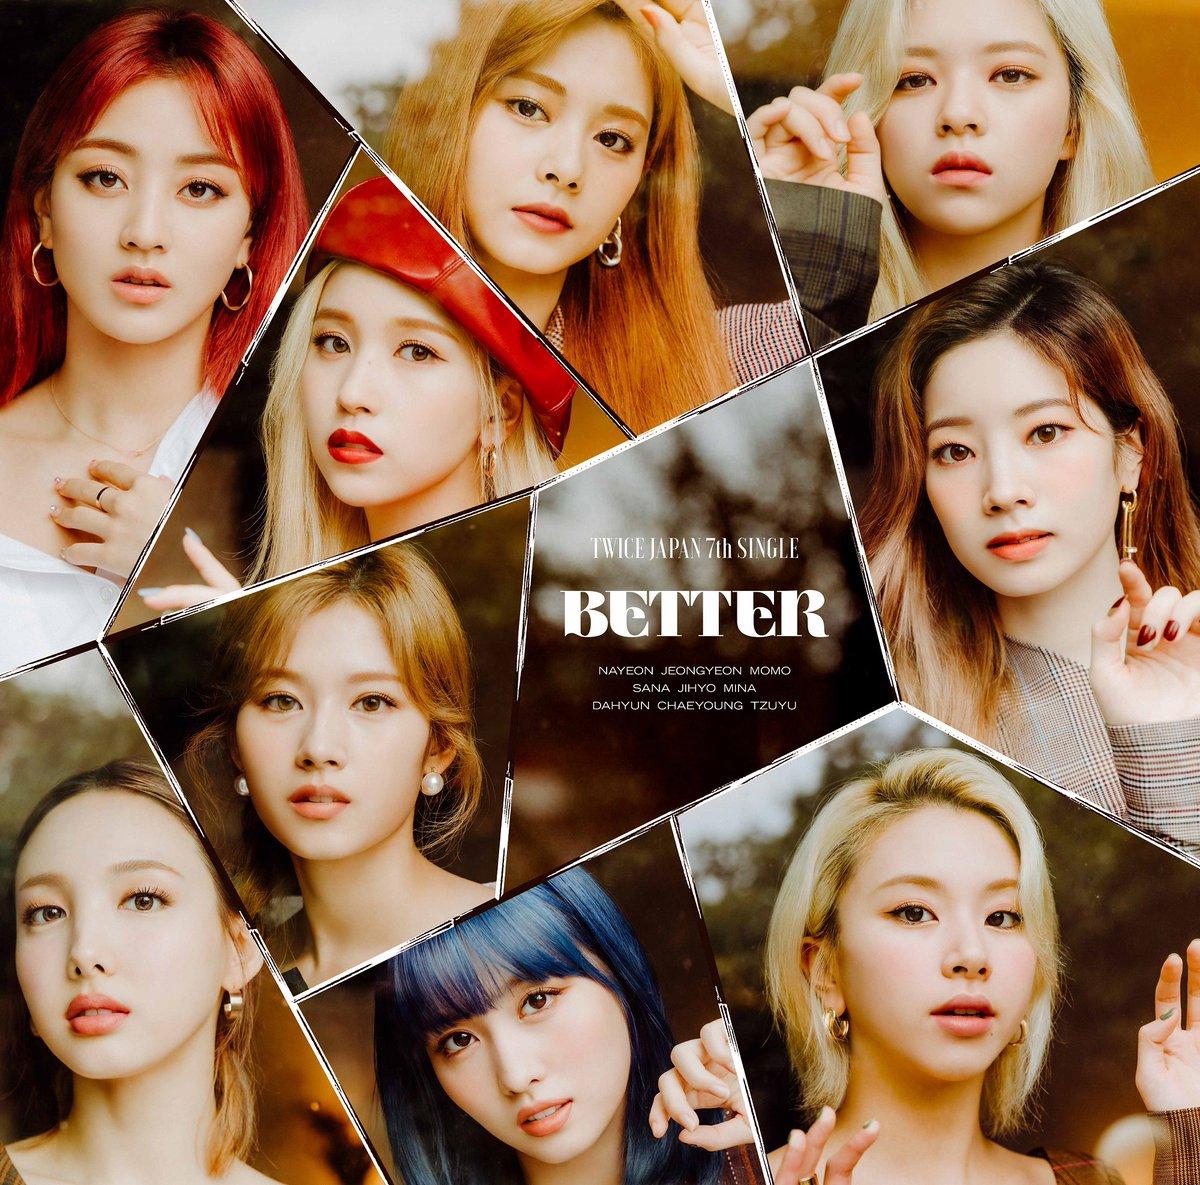 TWICE、新曲「BETTER」11/18に発売🎊 コンセプトは「会いたくても会えない、でもつながってる」\ 📸ジャケット写真も公開❗/各カットに込められた思いとは…✨#TWICE #BETTER @JYPETWICE_JAPAN @JYPETWICE